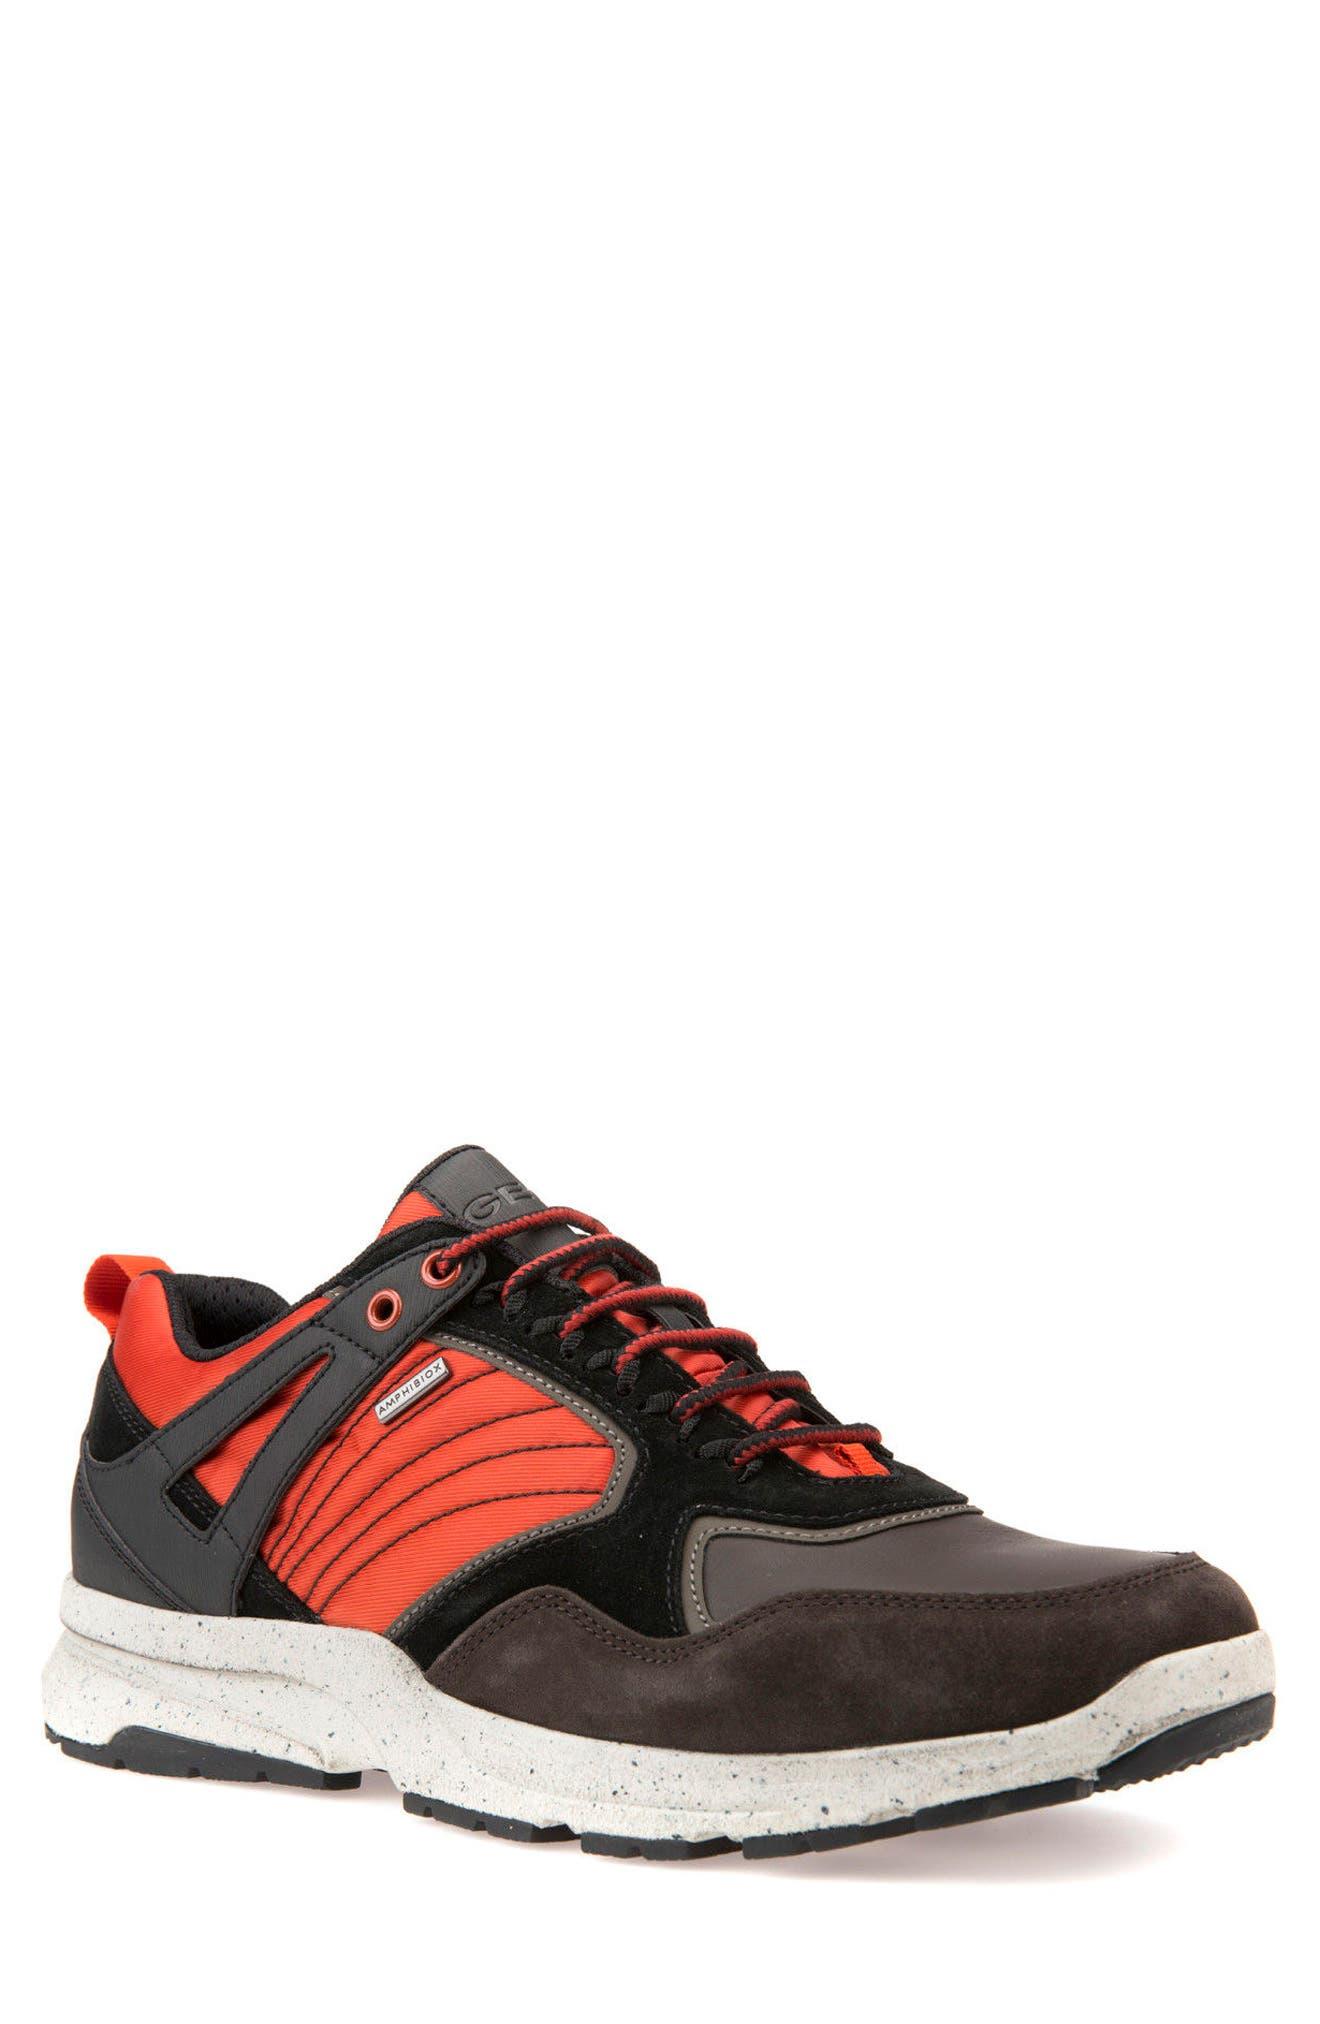 GEOX Gegy ABX Waterproof Sneaker